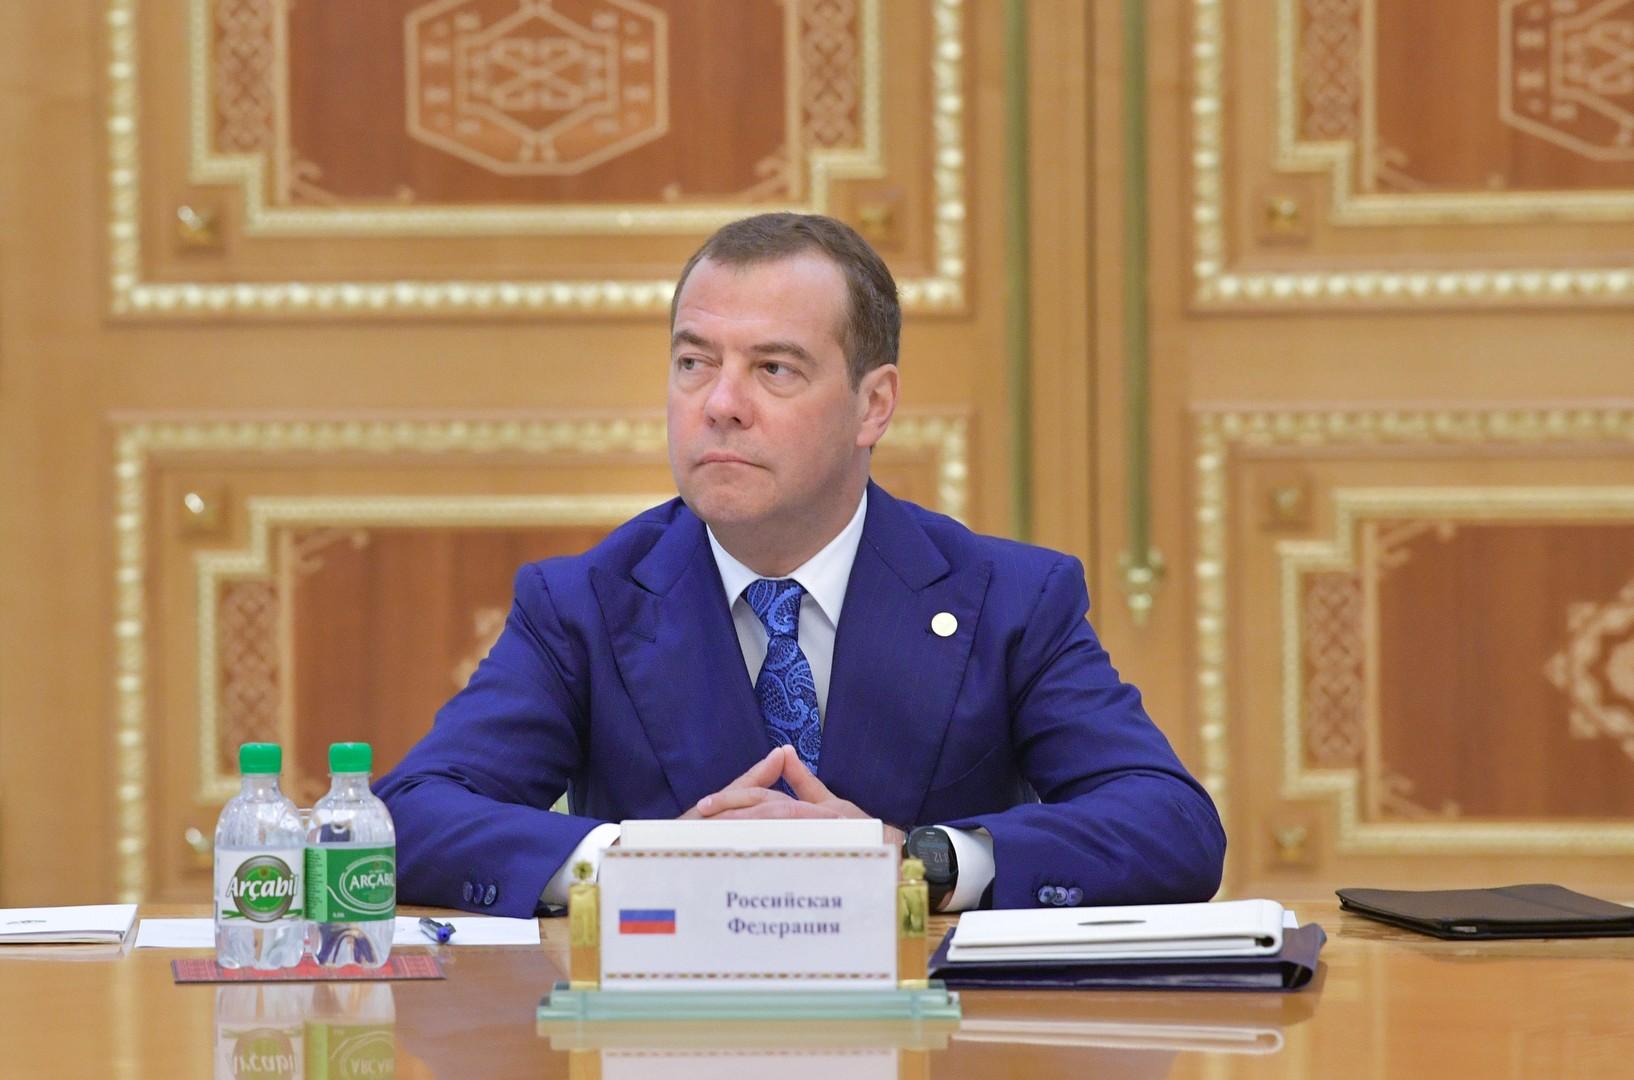 رئيس الوزراء الروسي دميتري مدفيديف